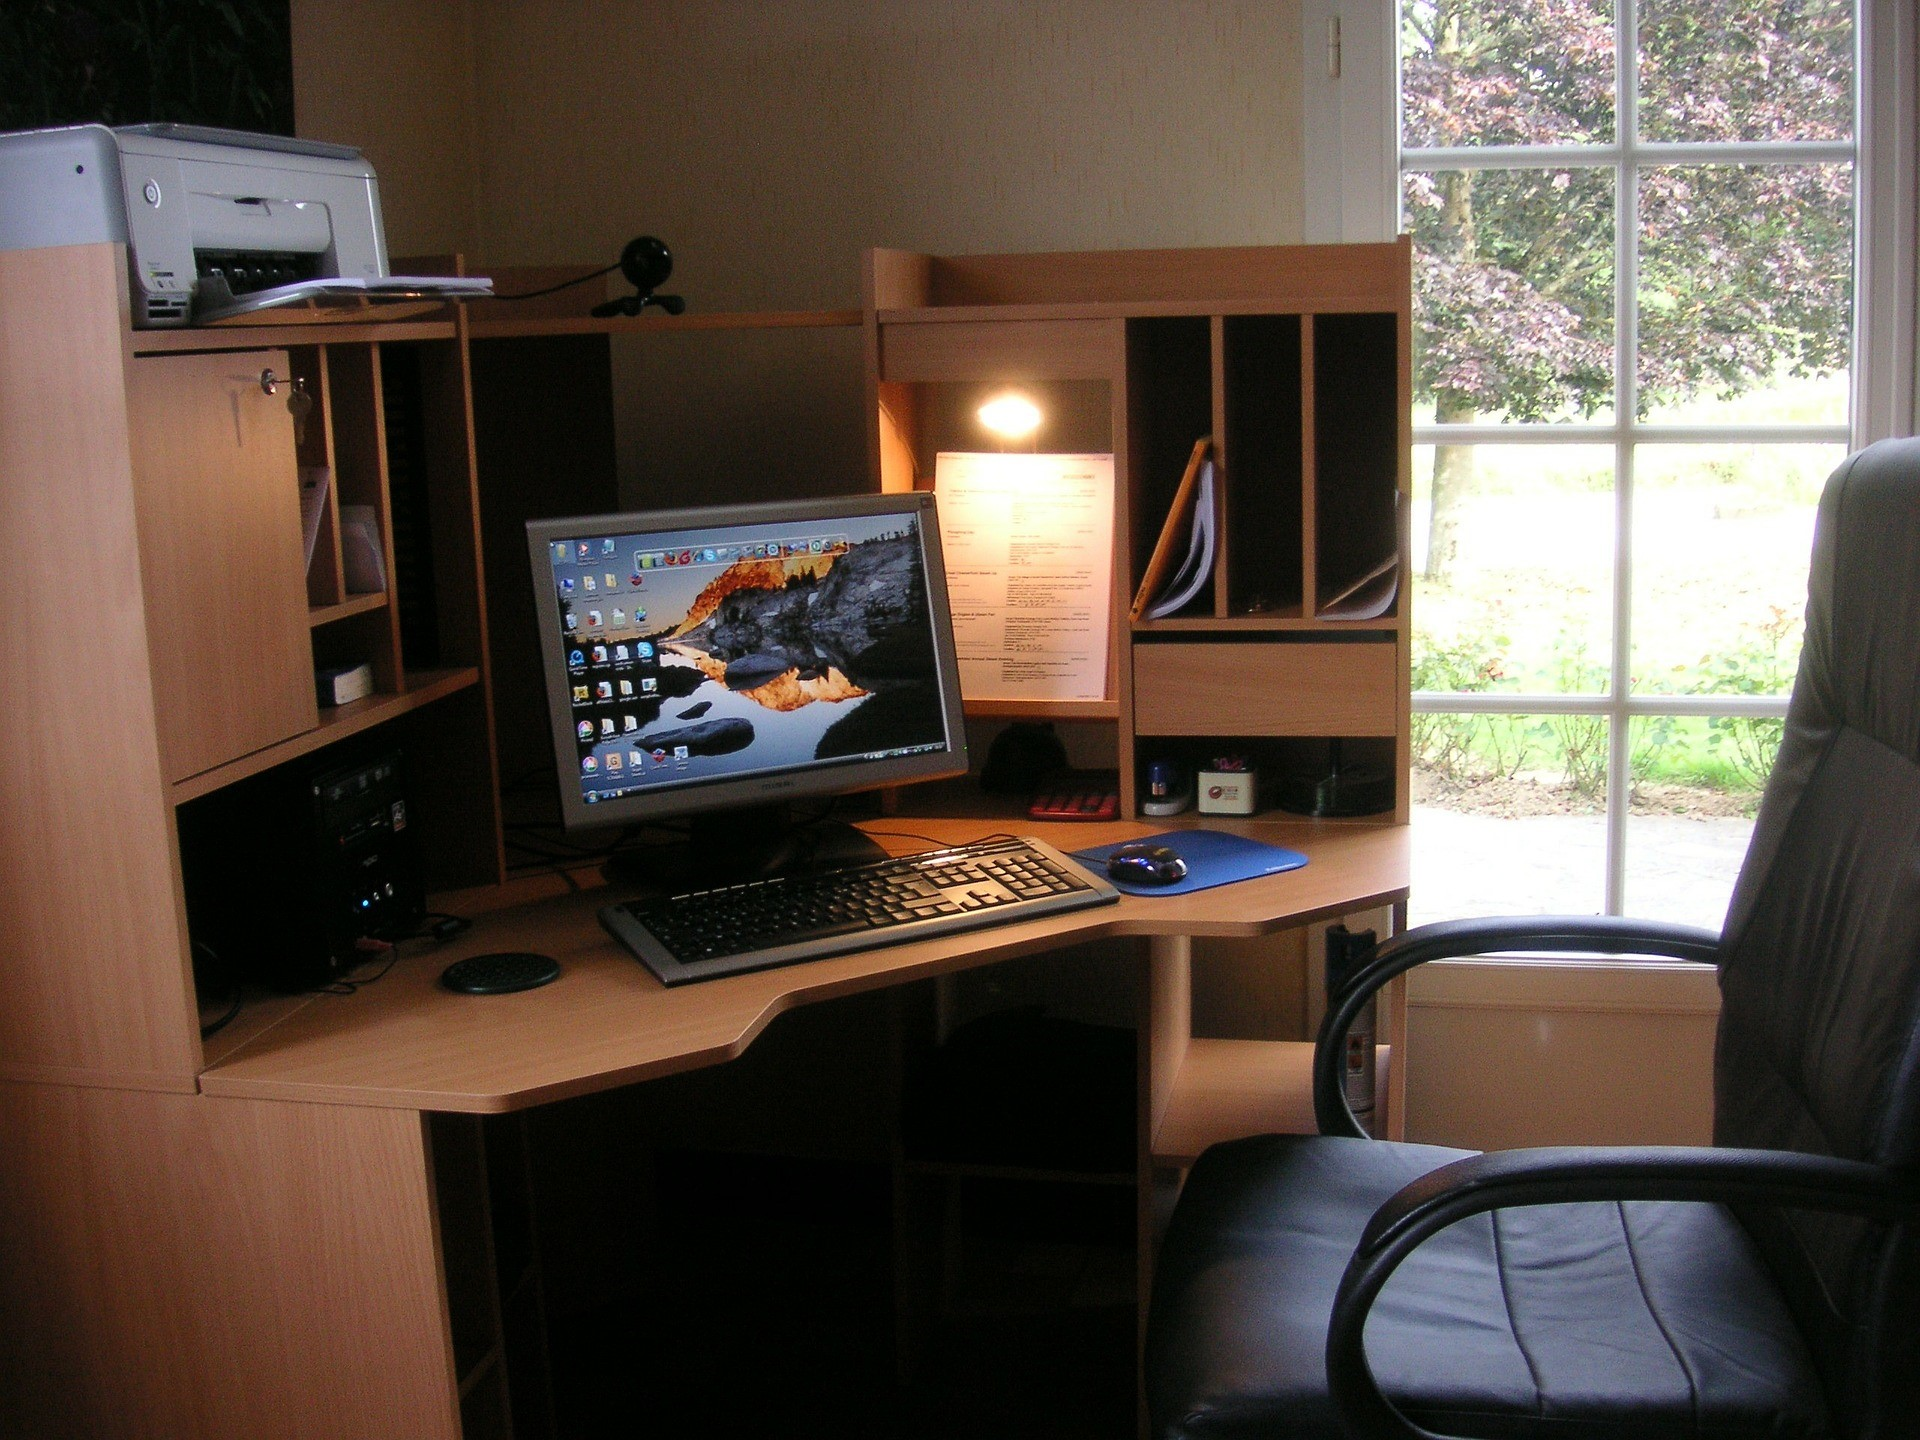 An image of a desktop computer